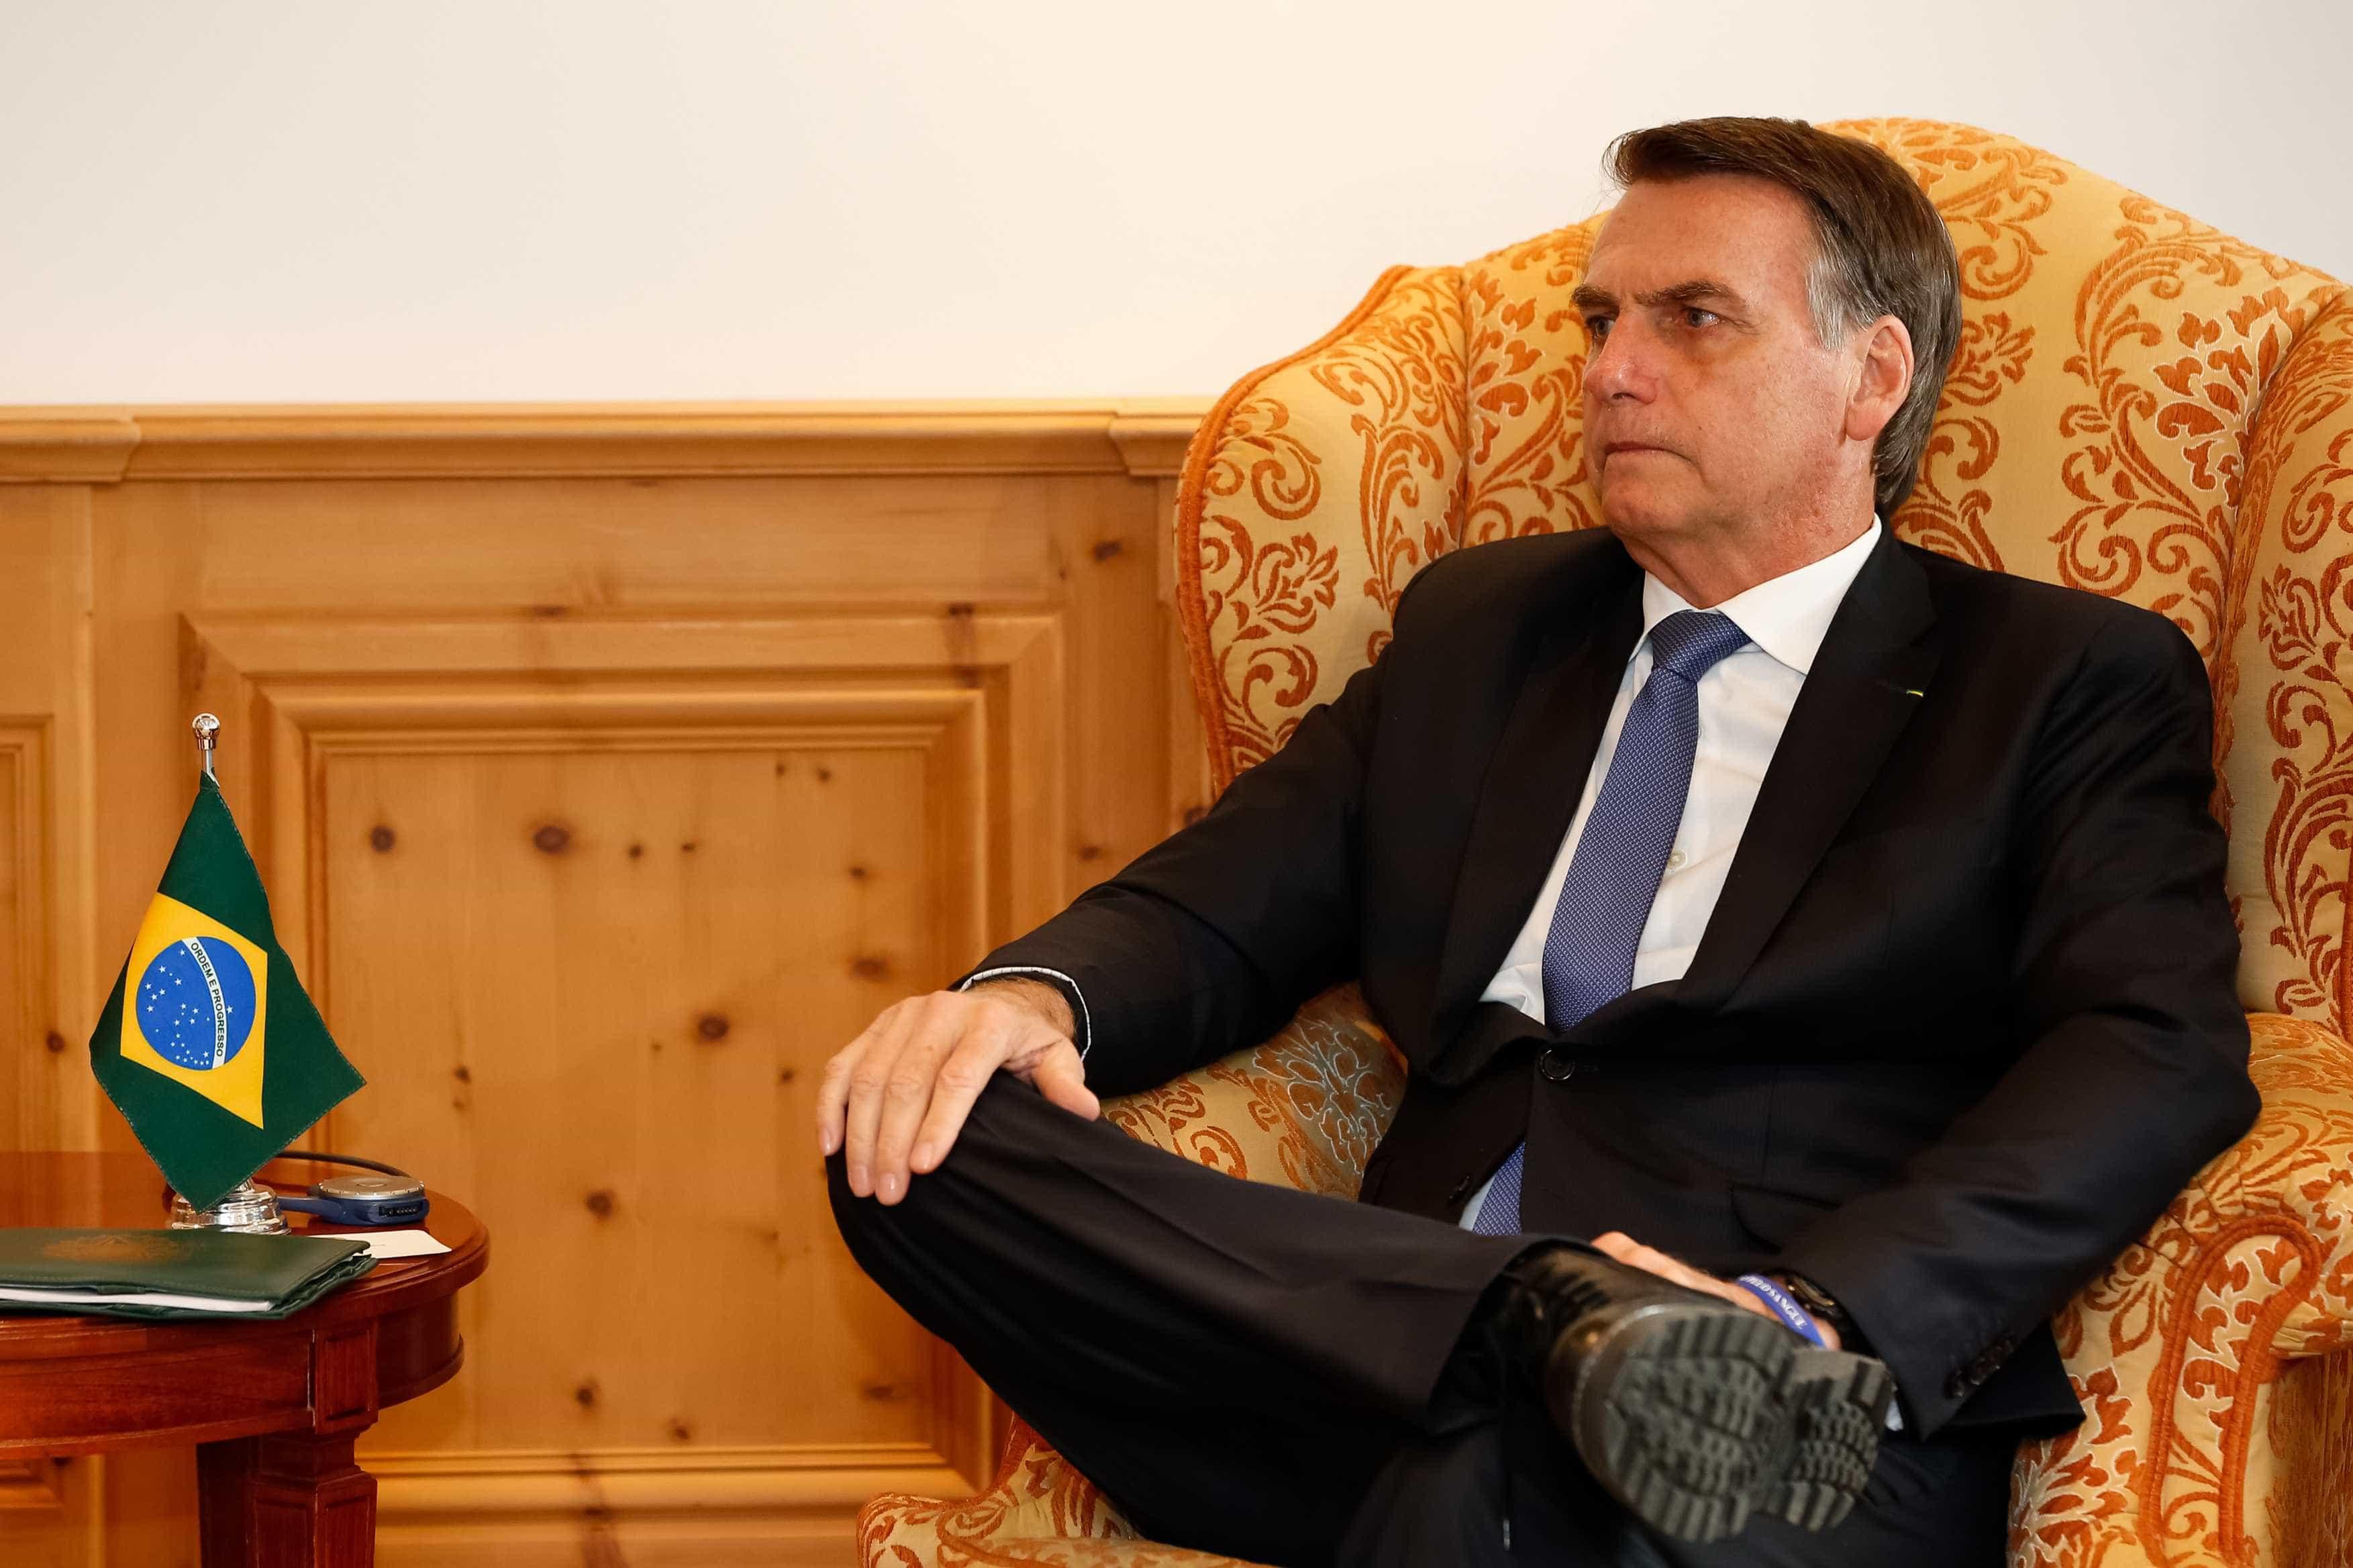 Bolsonaro promete aumentar representatividade de 'joias raras'